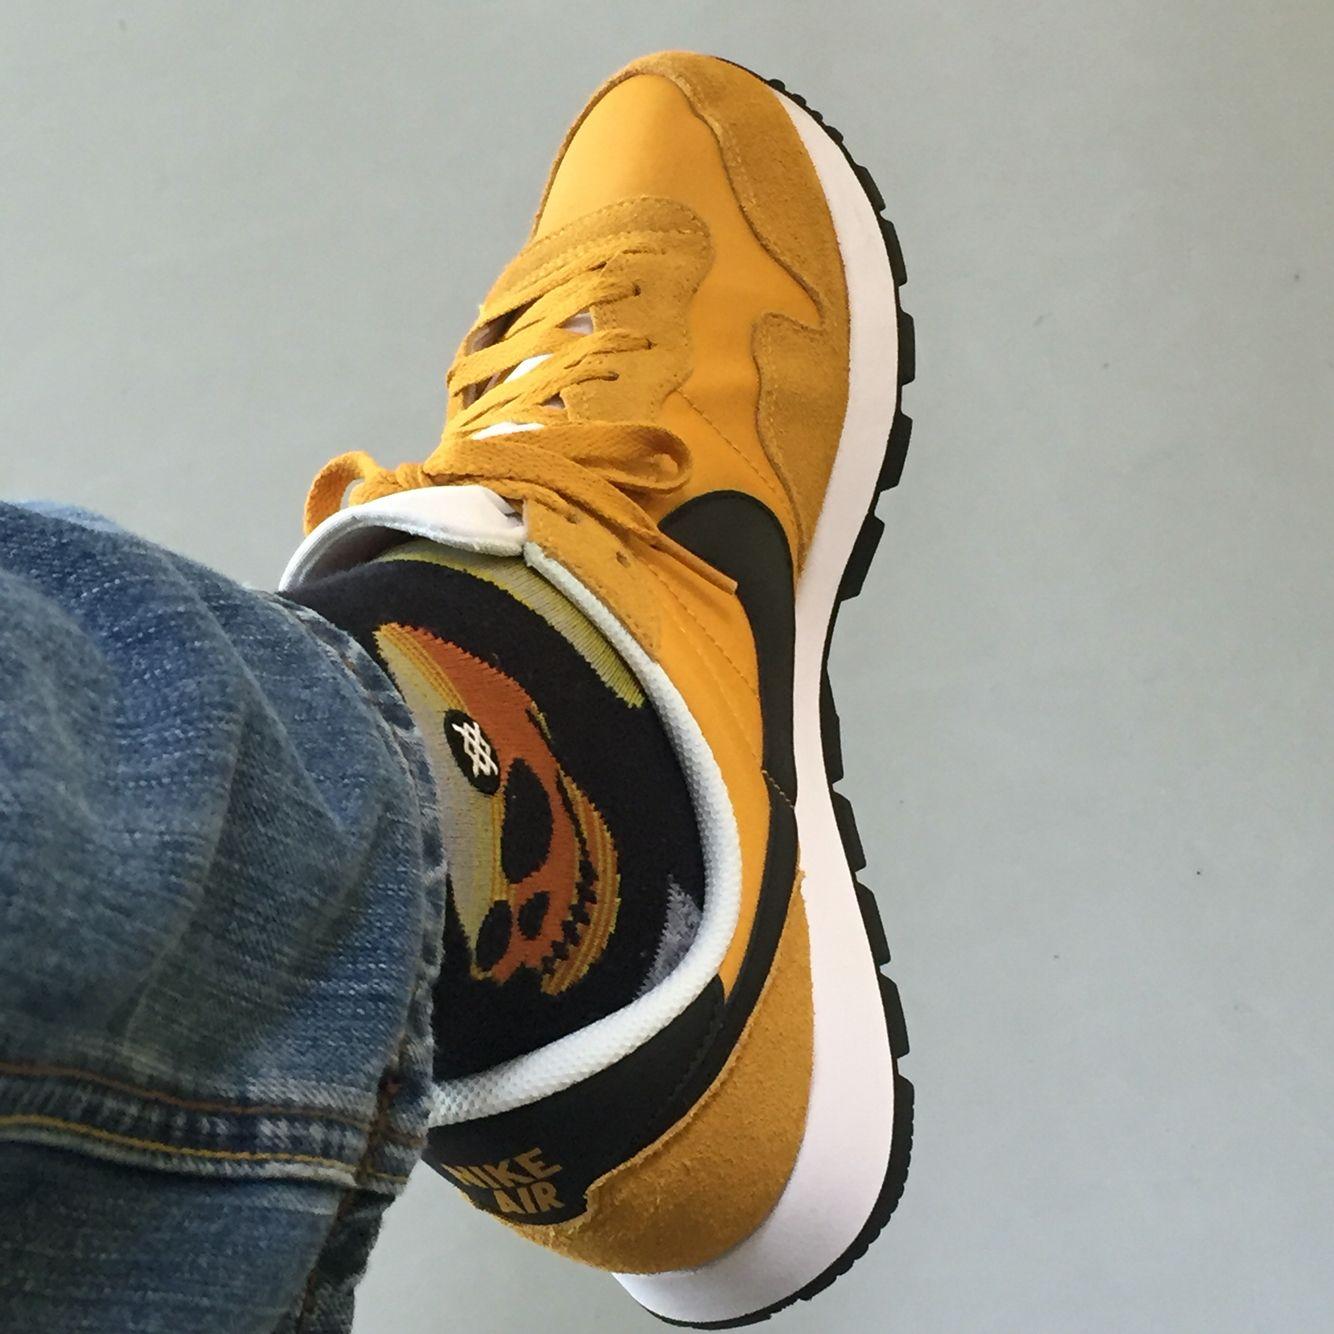 New sneakers old socks. Nike Pegasus '83 & Stance socks